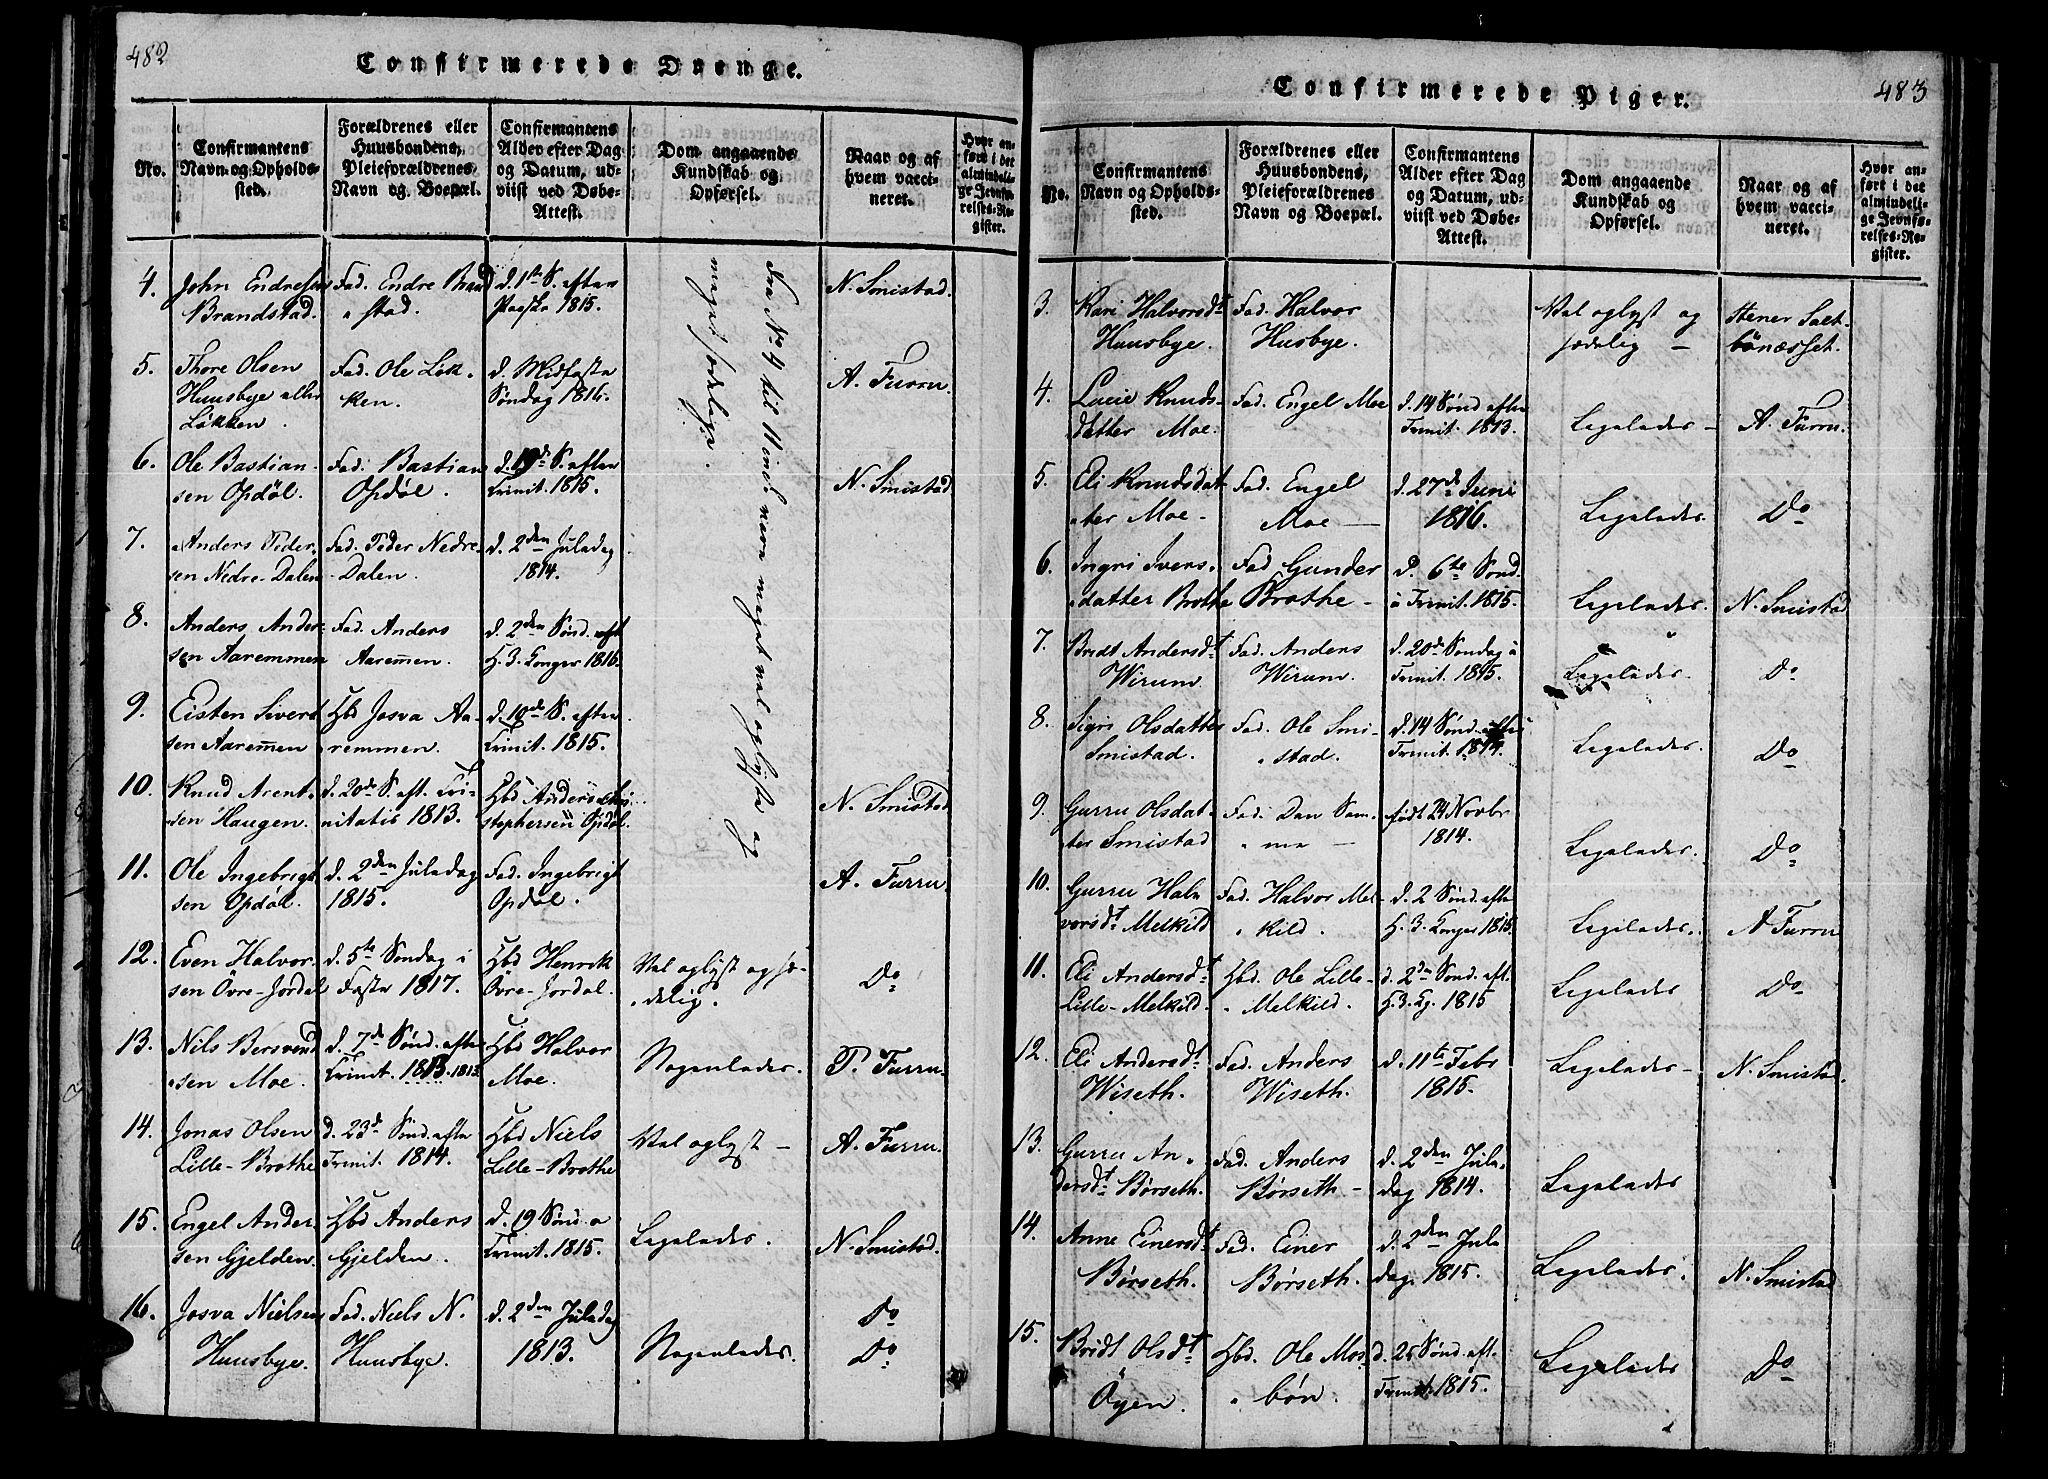 SAT, Ministerialprotokoller, klokkerbøker og fødselsregistre - Møre og Romsdal, 590/L1009: Ministerialbok nr. 590A03 /1, 1819-1832, s. 482-483